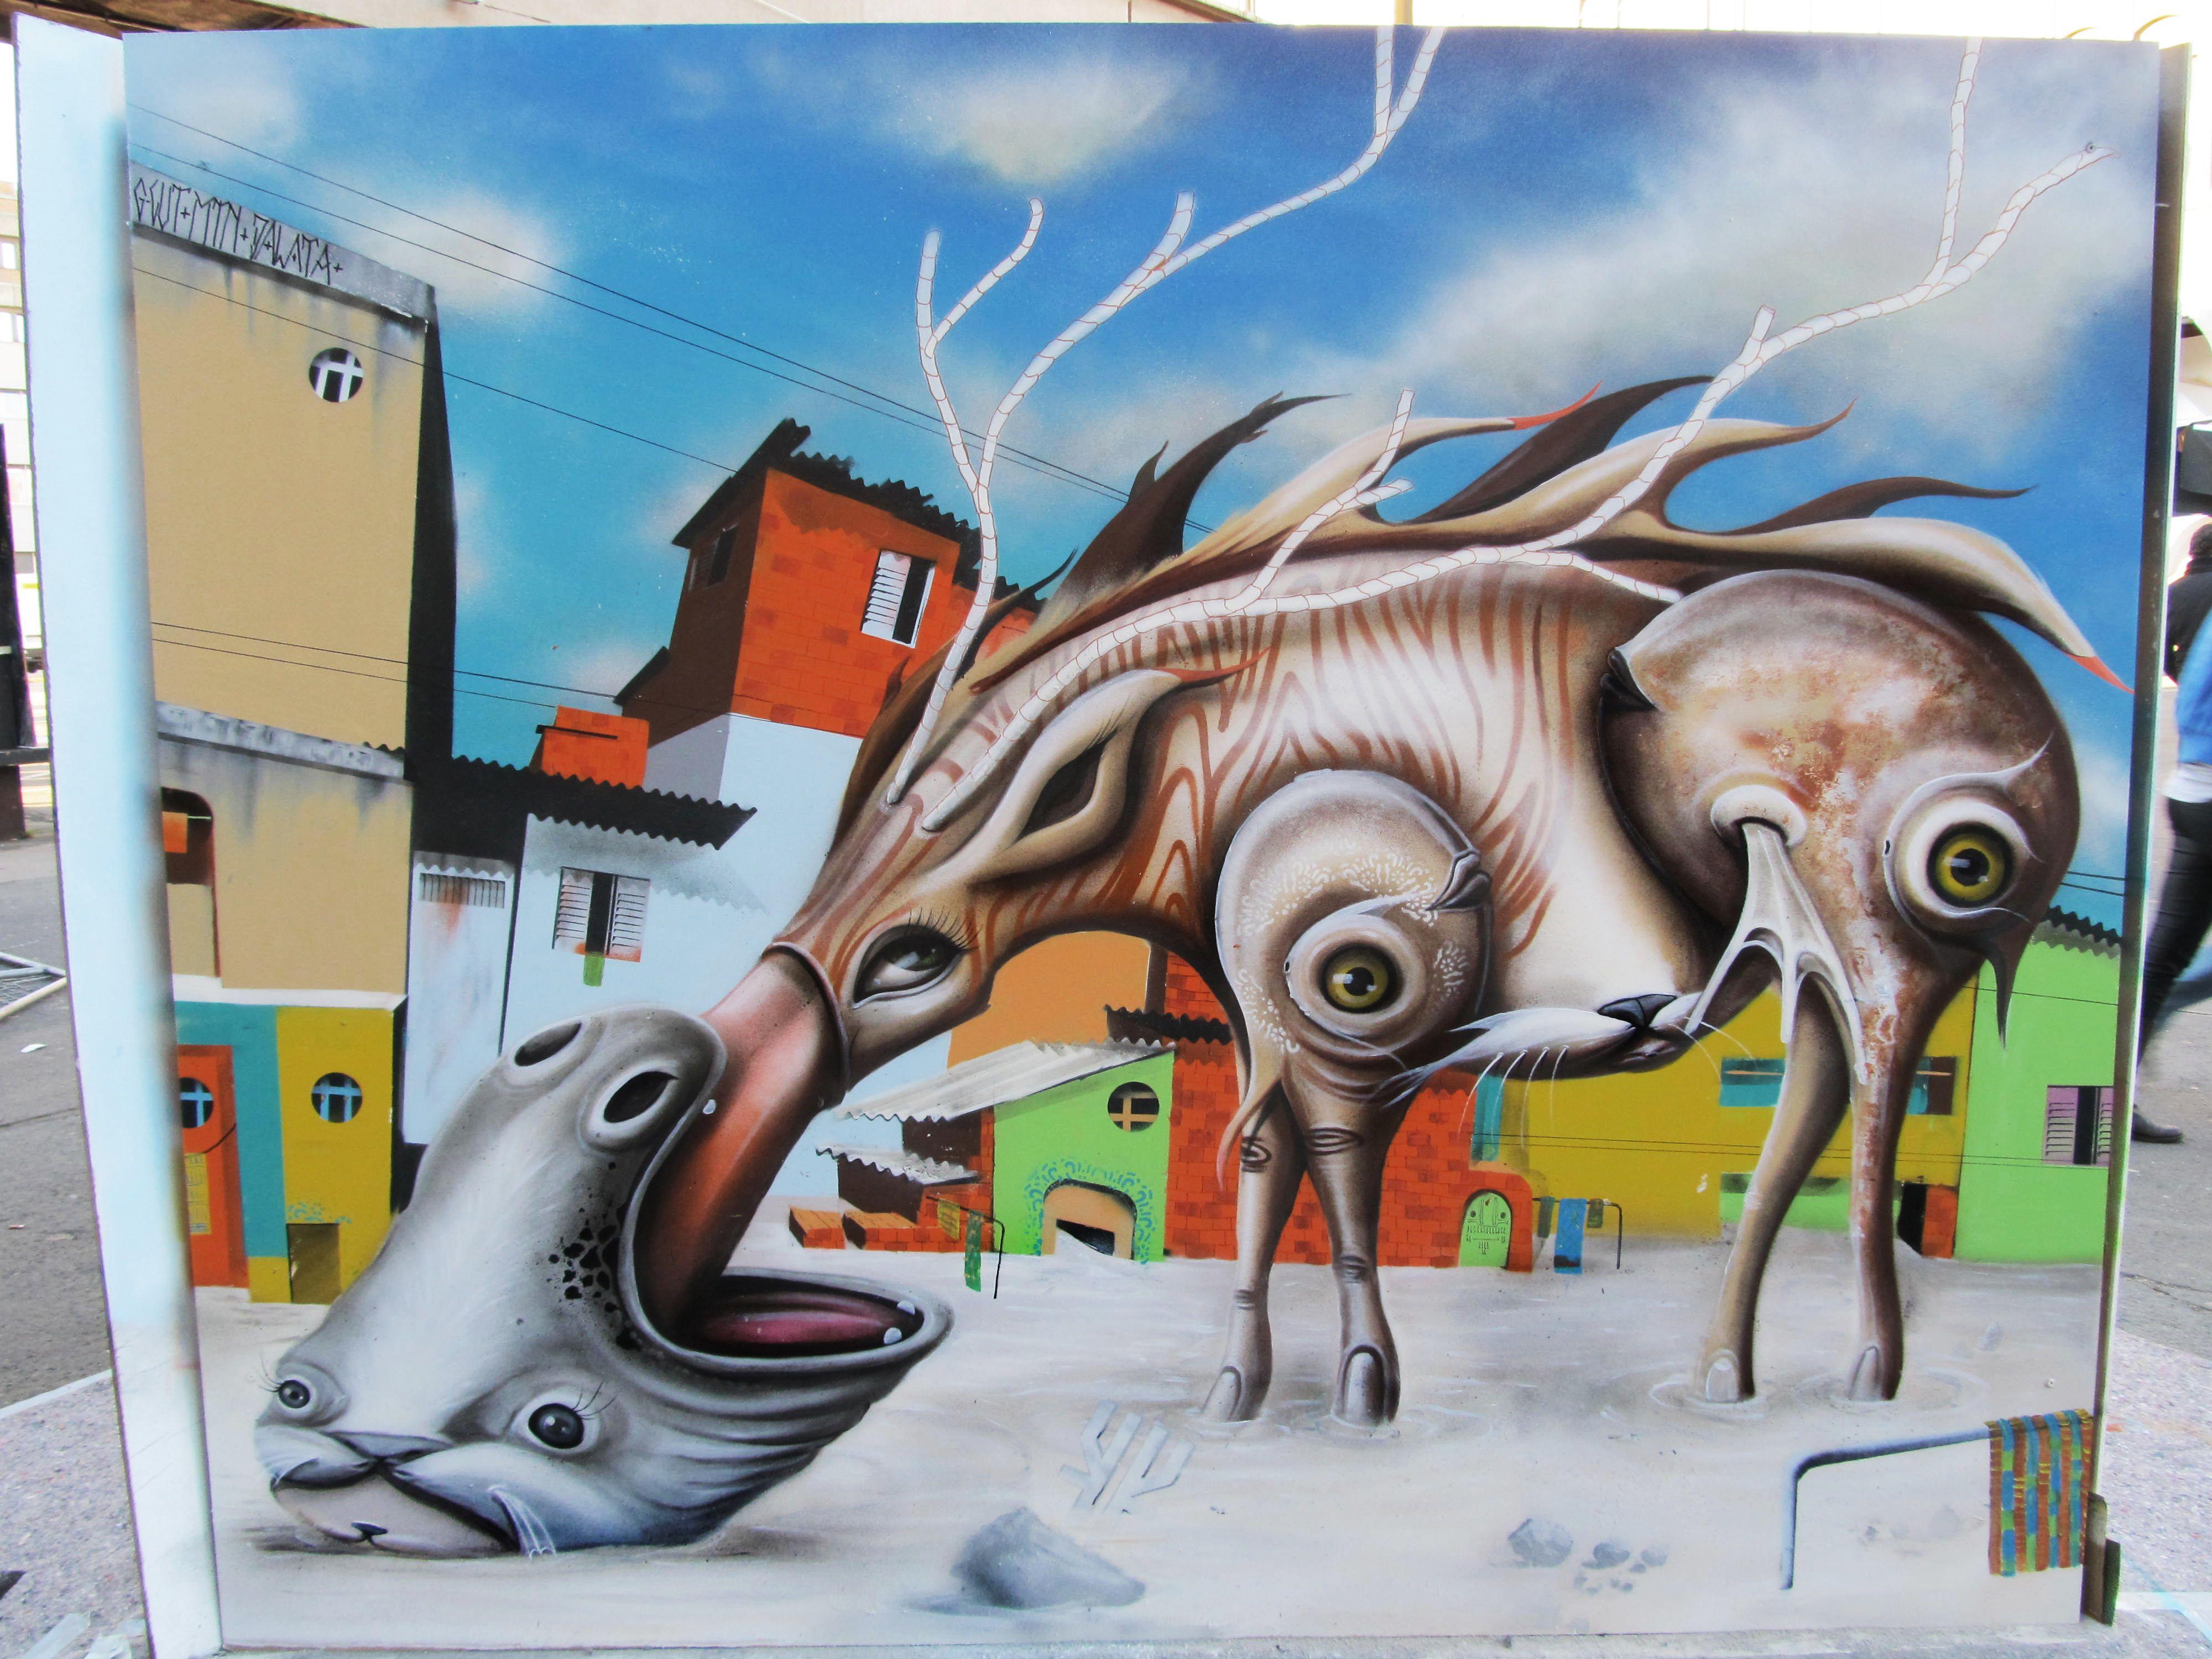 Pintura feita por Andre Gonzaga Dalata no evento Stroke Art Fair, na Alemanha, em 2011.